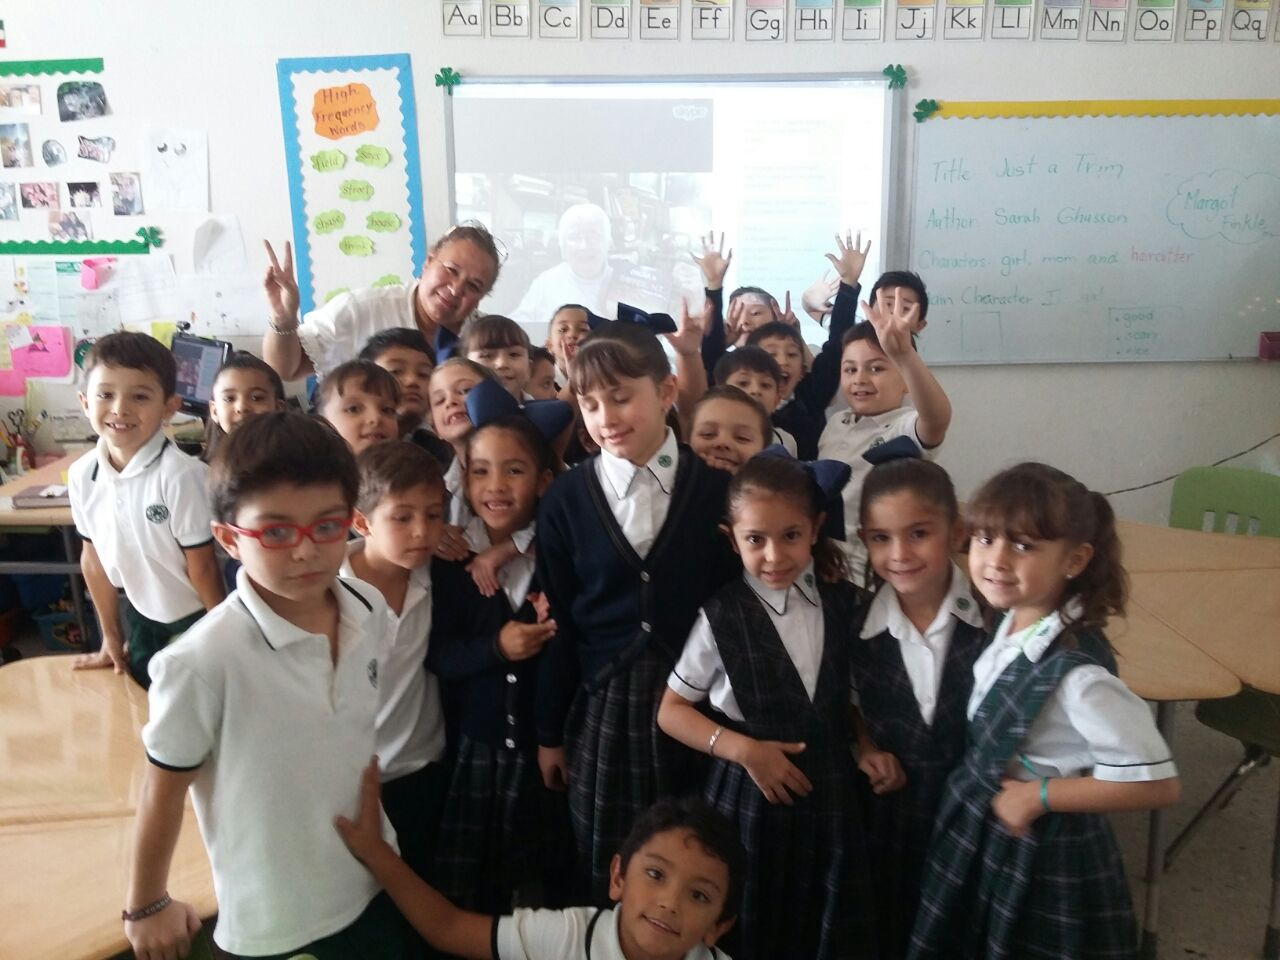 Margot Visits a Classroom via SKYPE